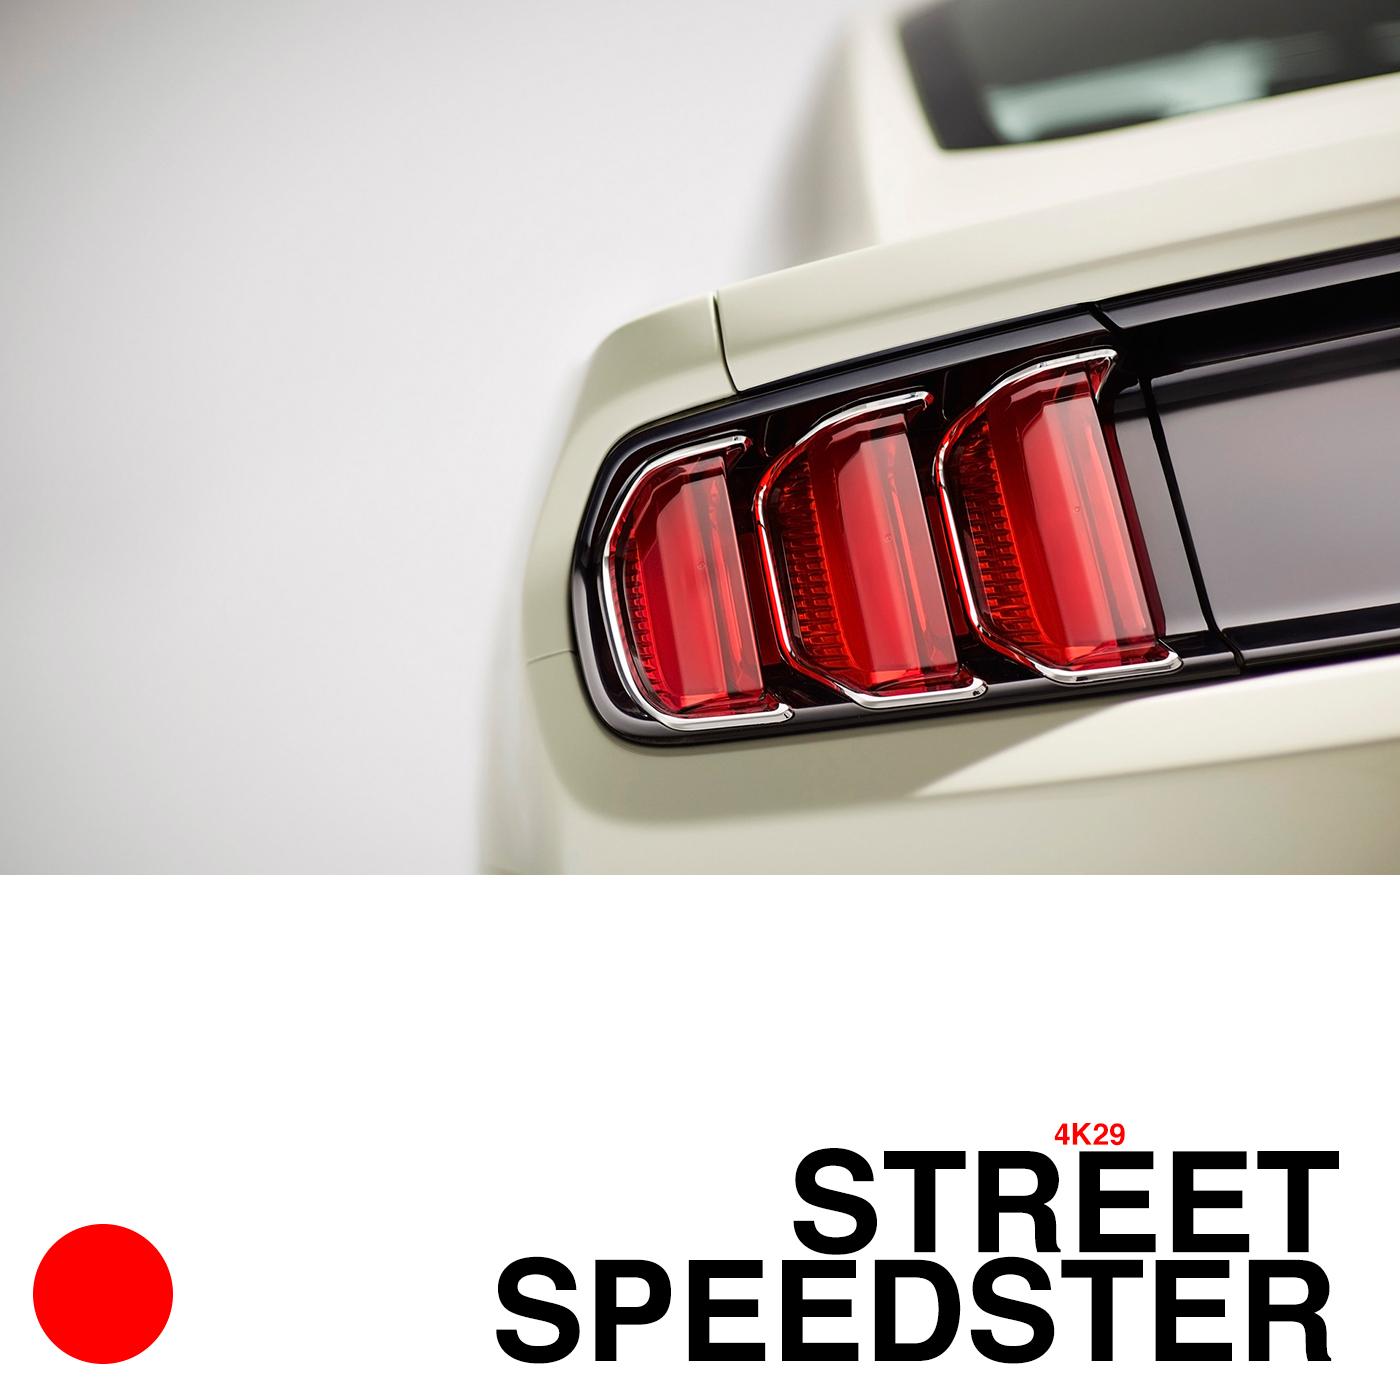 STREET SPEEDSTER 4K29 MOBILE640